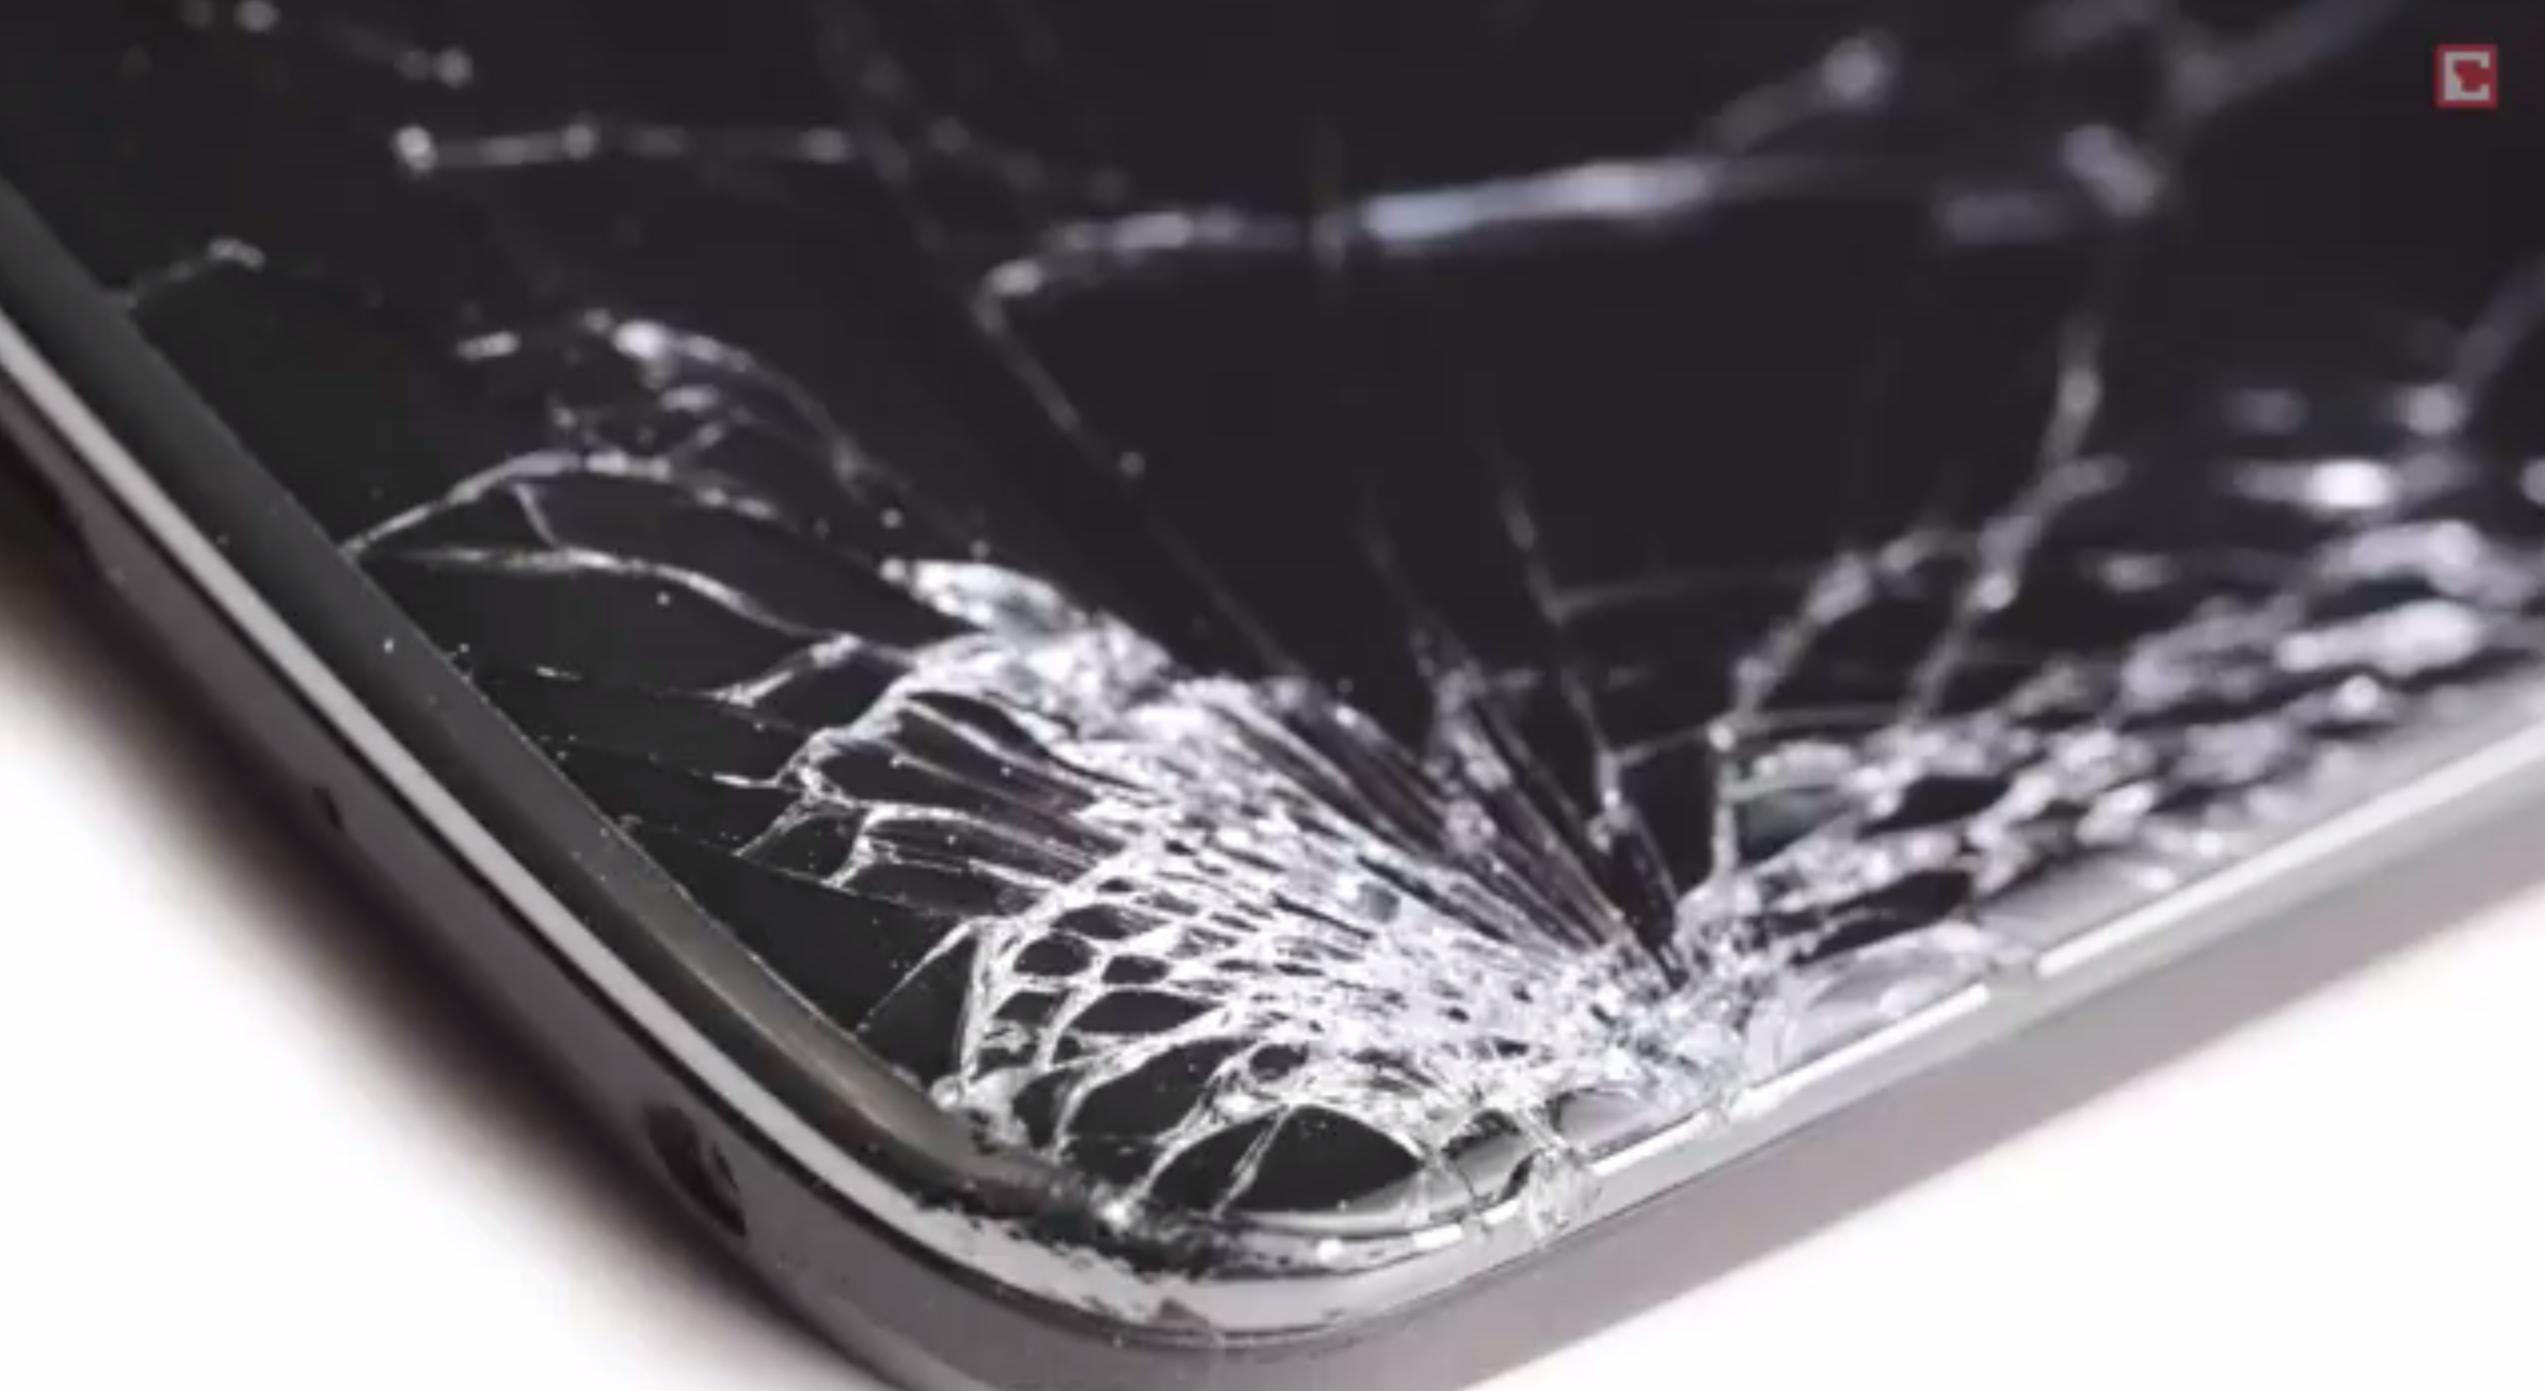 Po několika shozech z výšky 80 ndošlo k prasknutí rohu skla chráněného technologií Gorilla Glass 5. generace. Zatím není jasné proč tomu tak je. Zdroj: chip.de